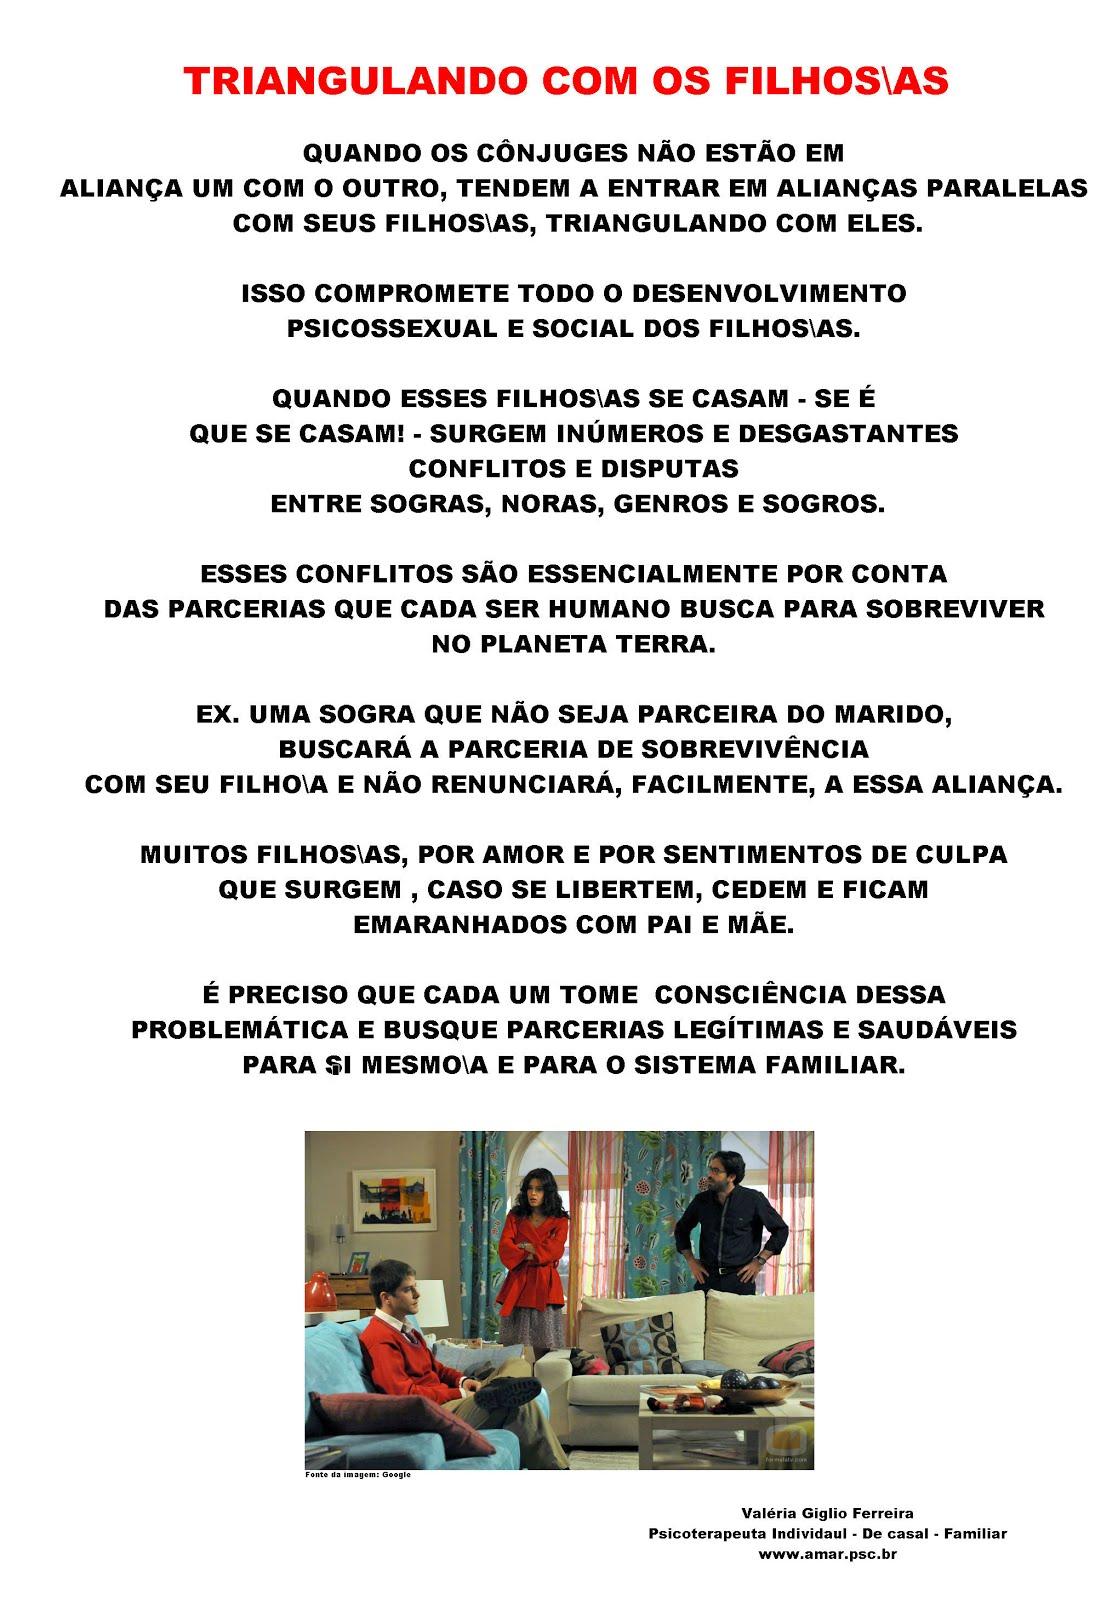 TRIANGULANDO COM OS FILHOS\AS